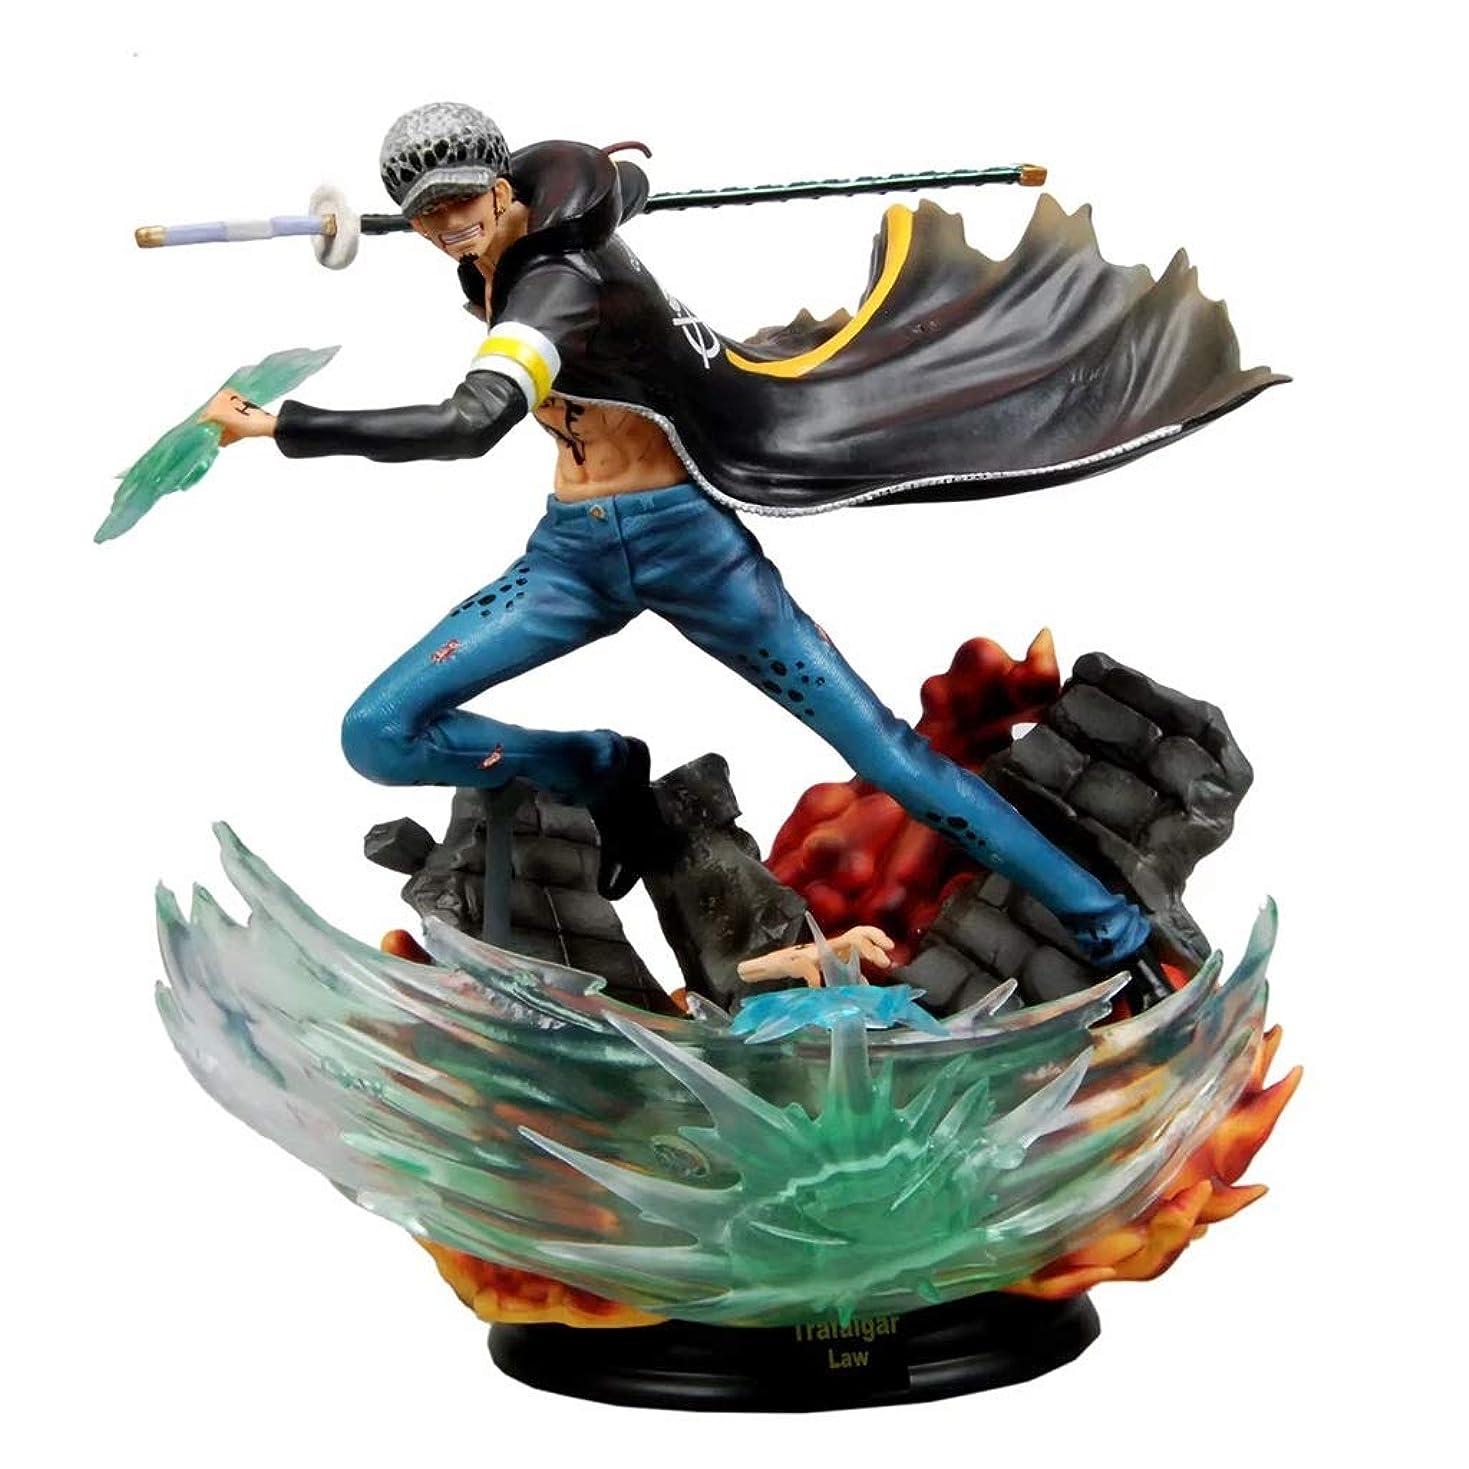 比率矛盾カレッジGK羅、アニメワンピースモデル、子供のおもちゃコレクション像、卓上装飾玩具像玩具モデルPVC(31cm) JSFQ